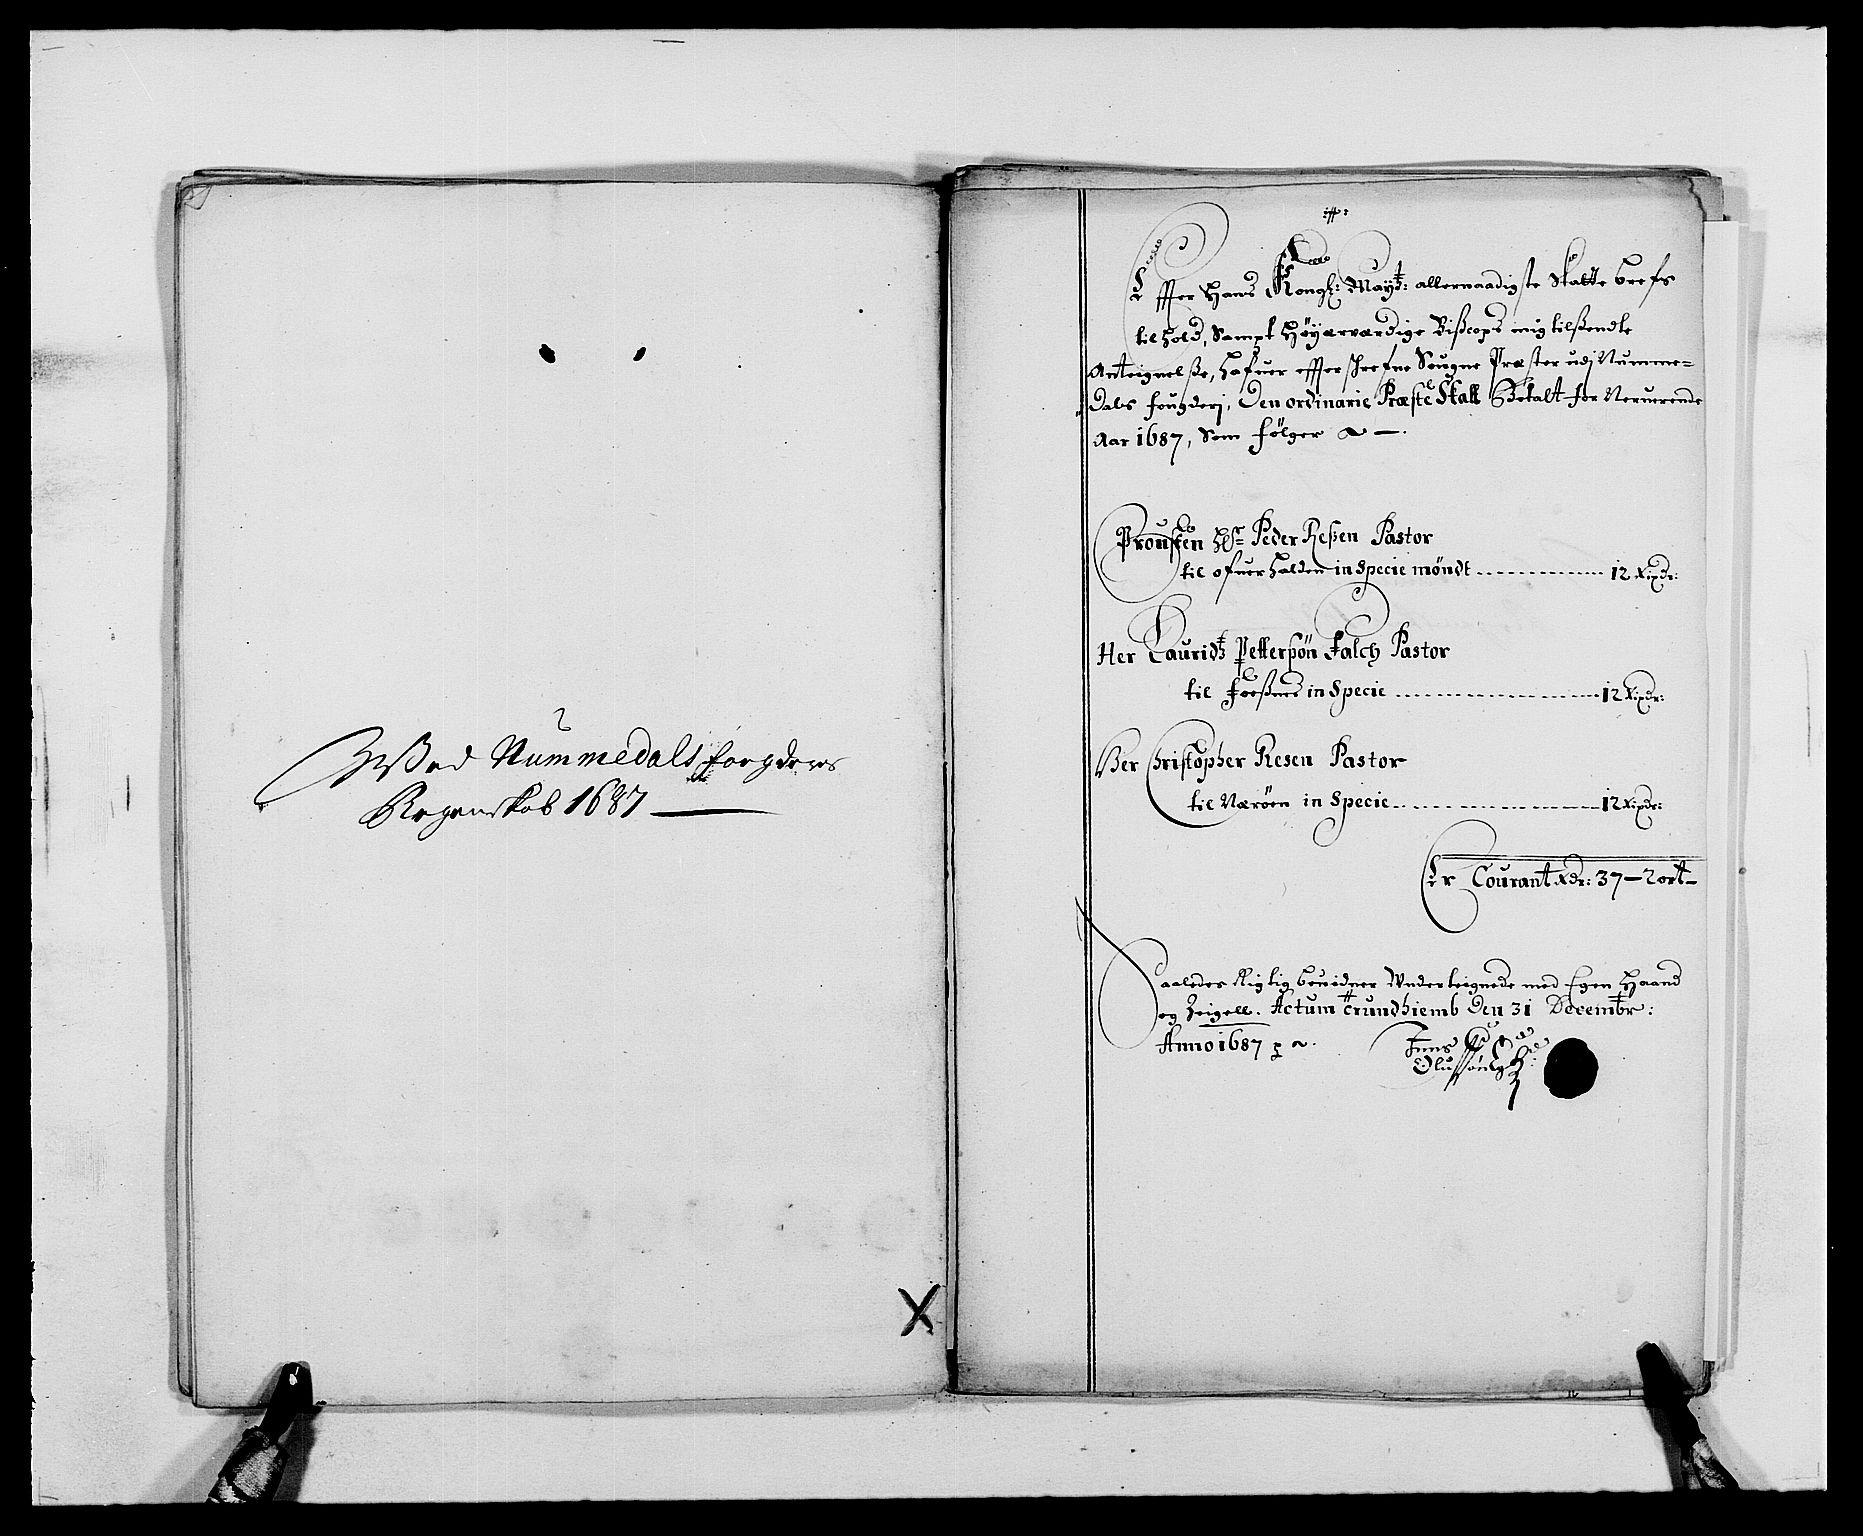 RA, Rentekammeret inntil 1814, Reviderte regnskaper, Fogderegnskap, R64/L4422: Fogderegnskap Namdal, 1687-1689, s. 64